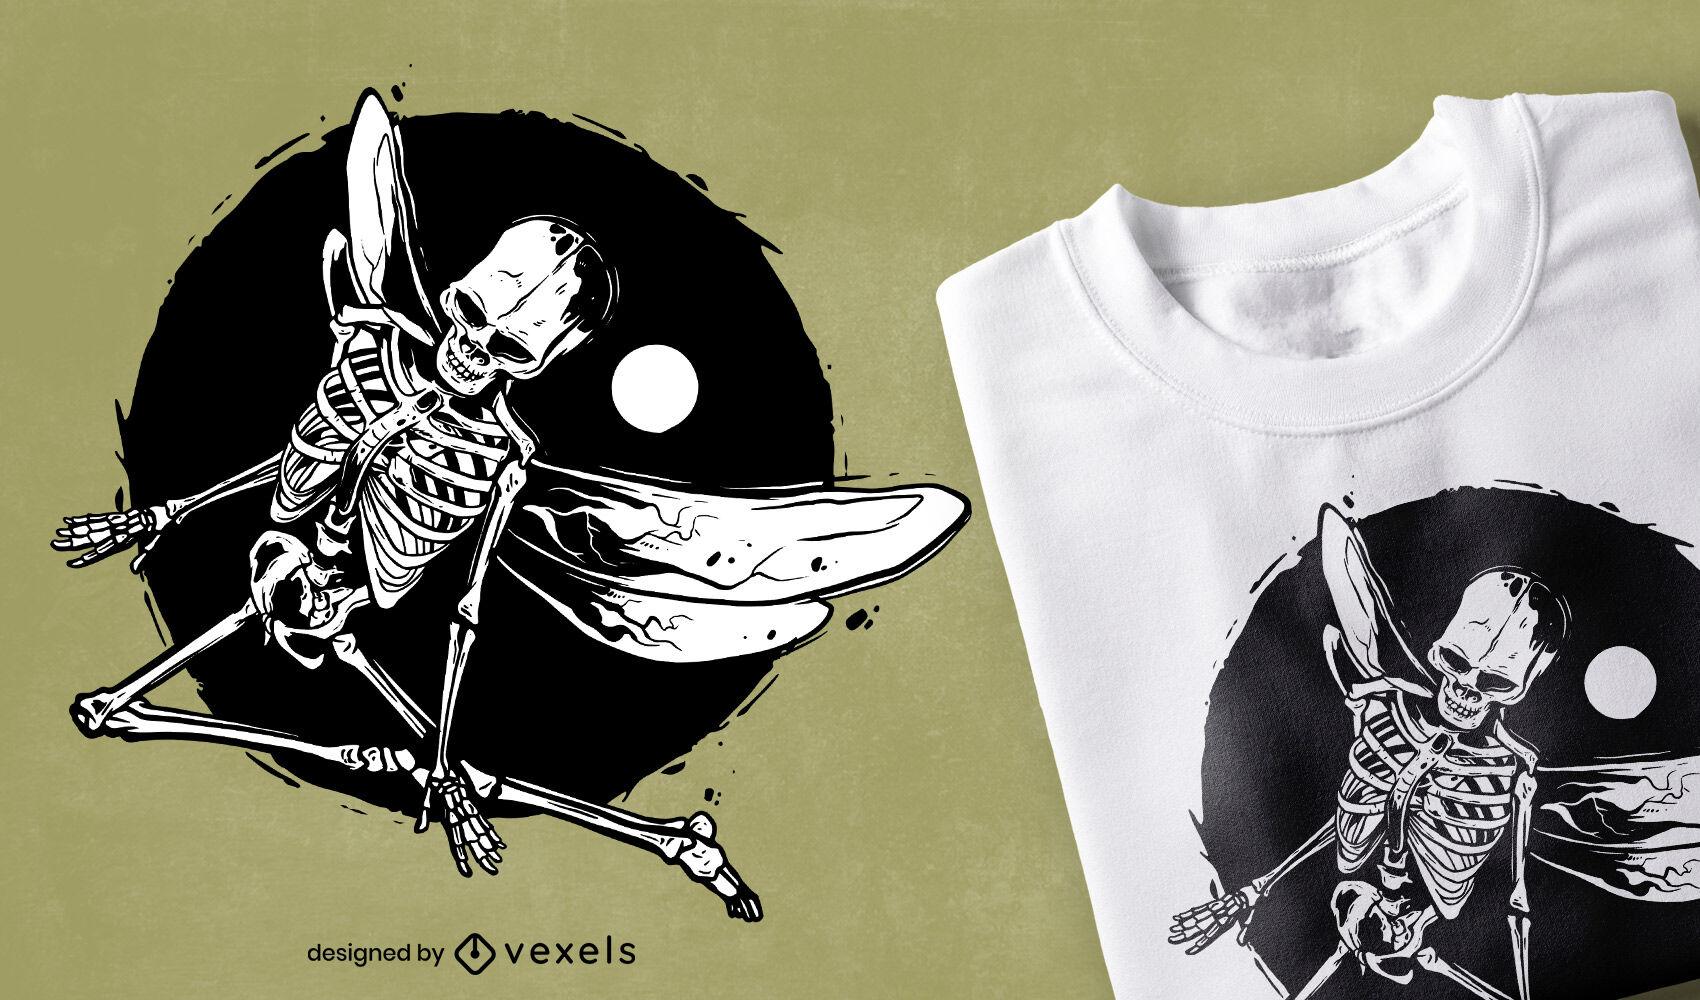 Winged skeleton grunge t-shirt design